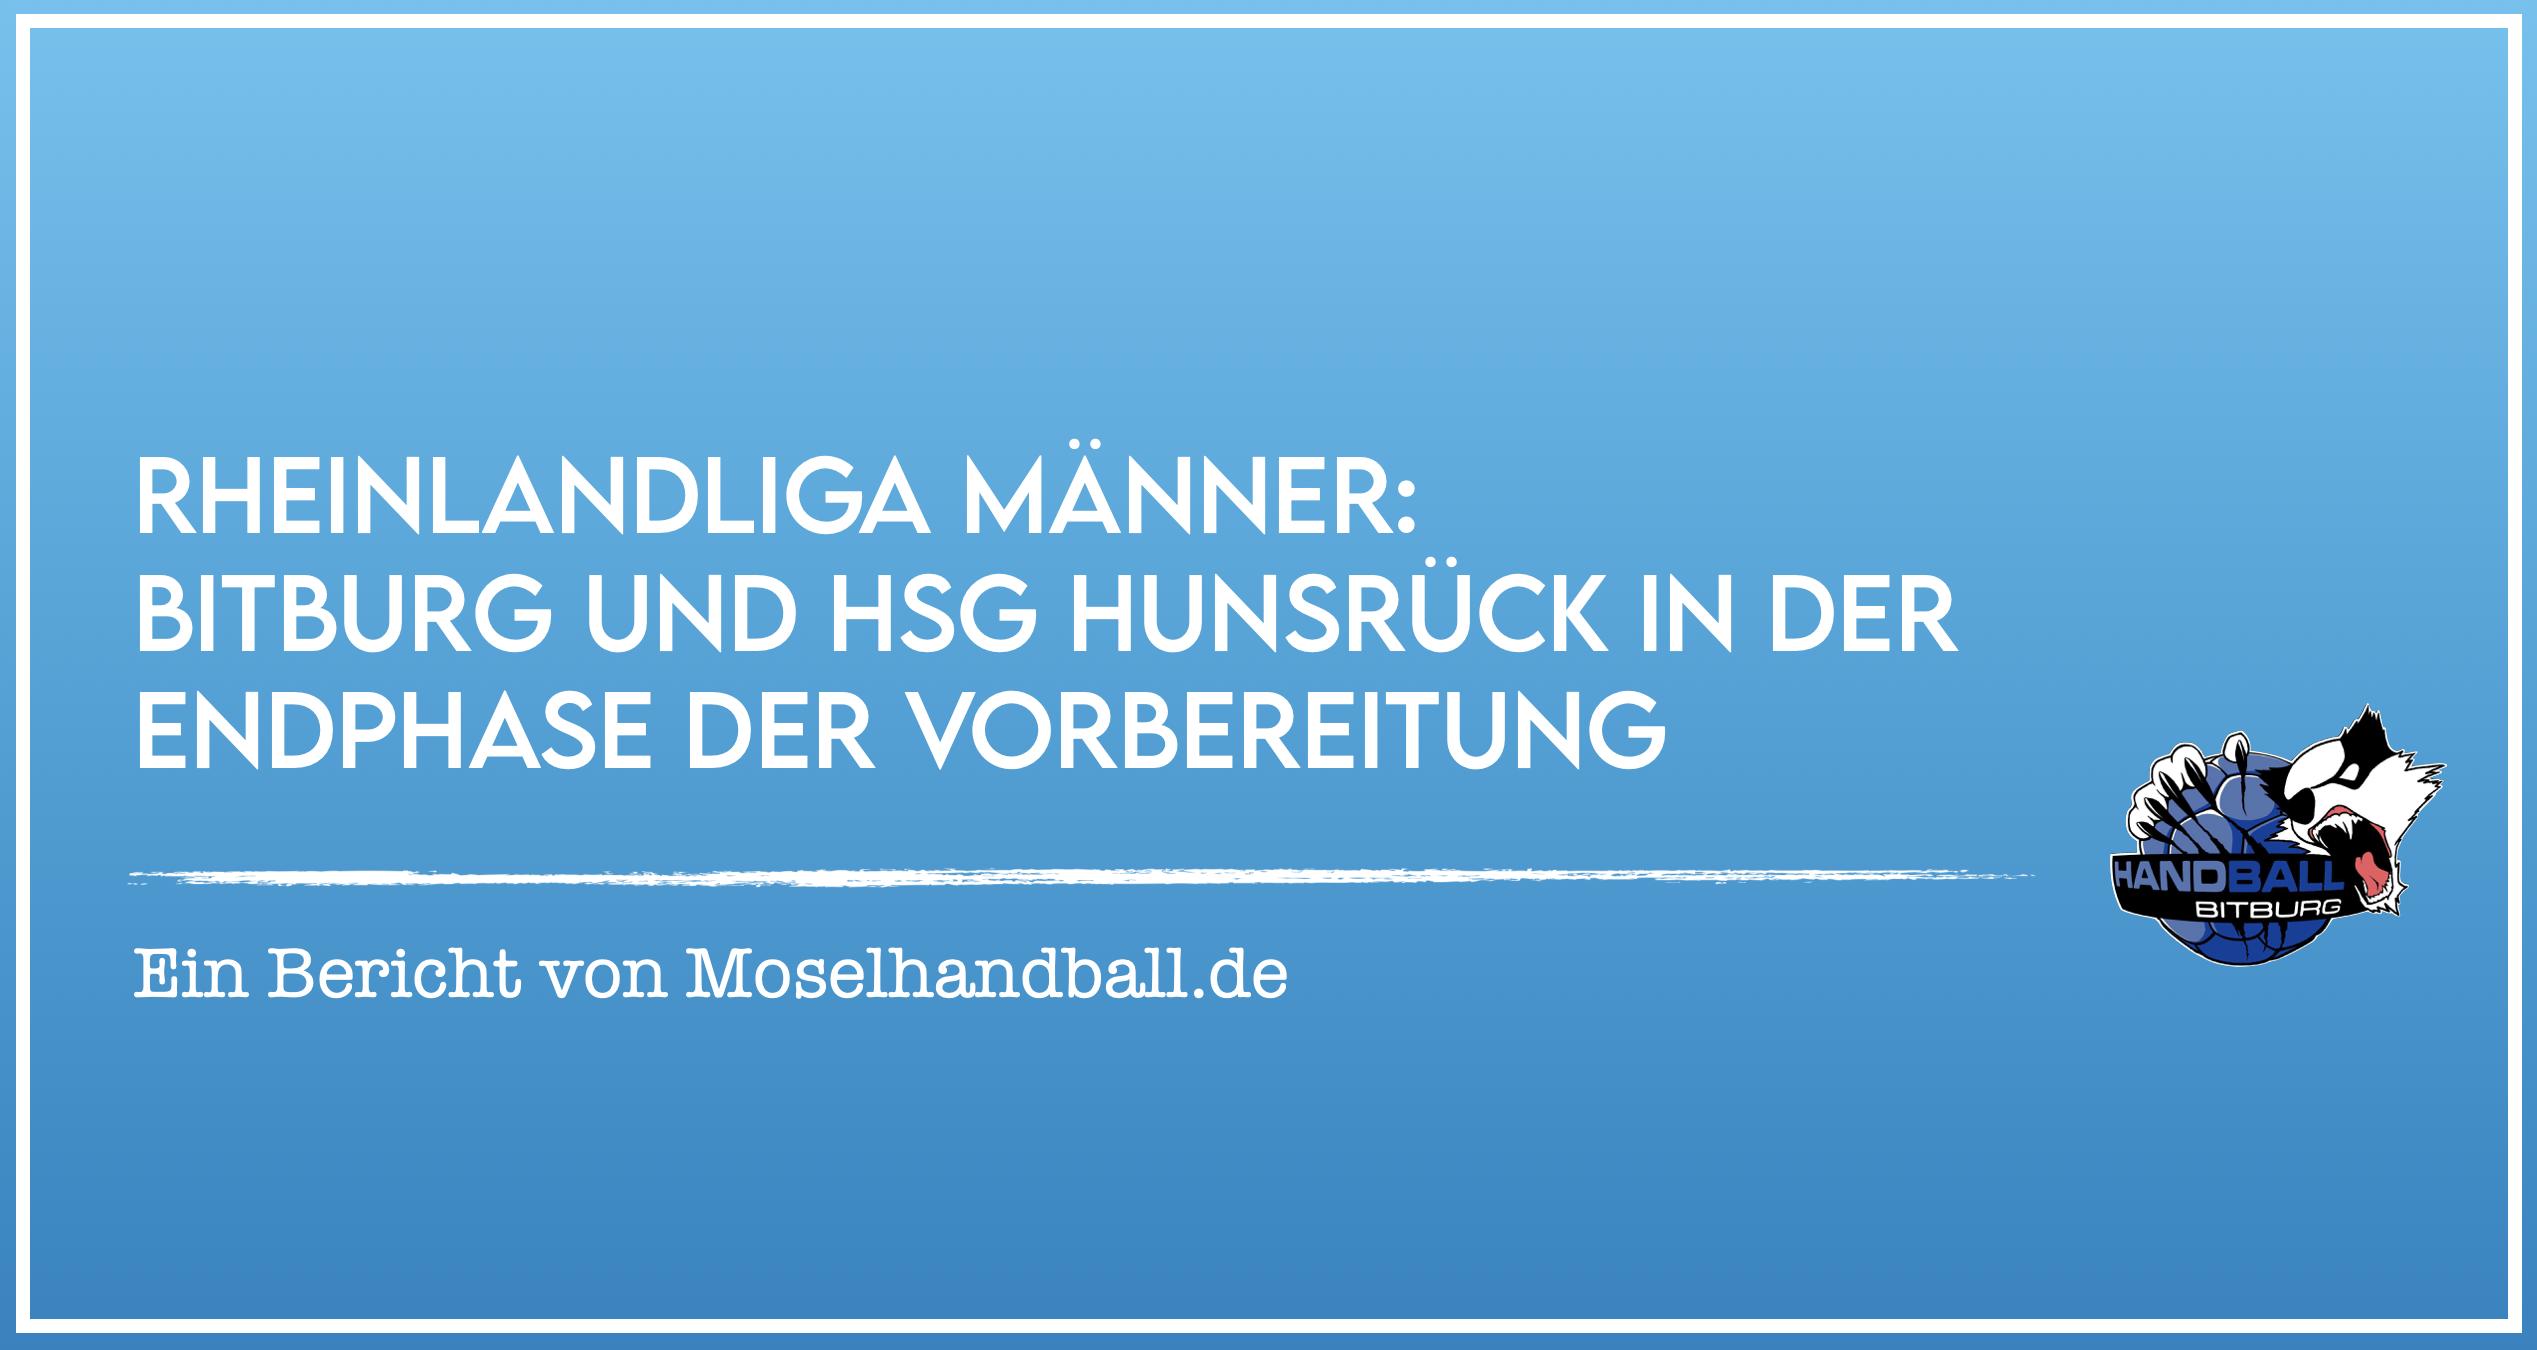 Moselhandball: Bitburg und HSG Hunsrück in der Endphase der Vorbereitung